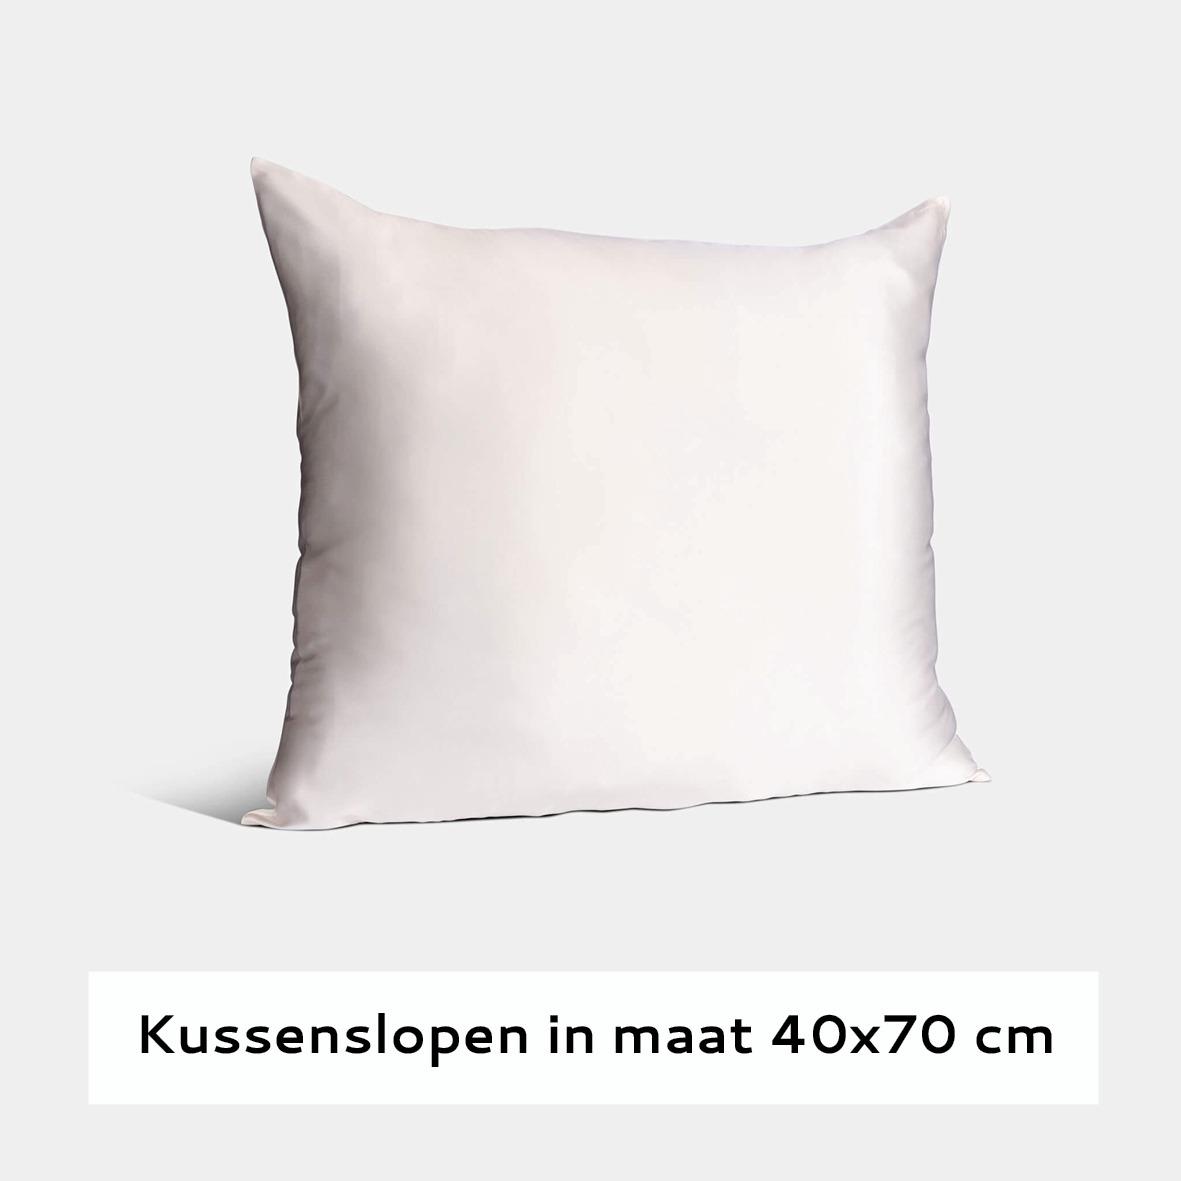 40x70 kussensloop